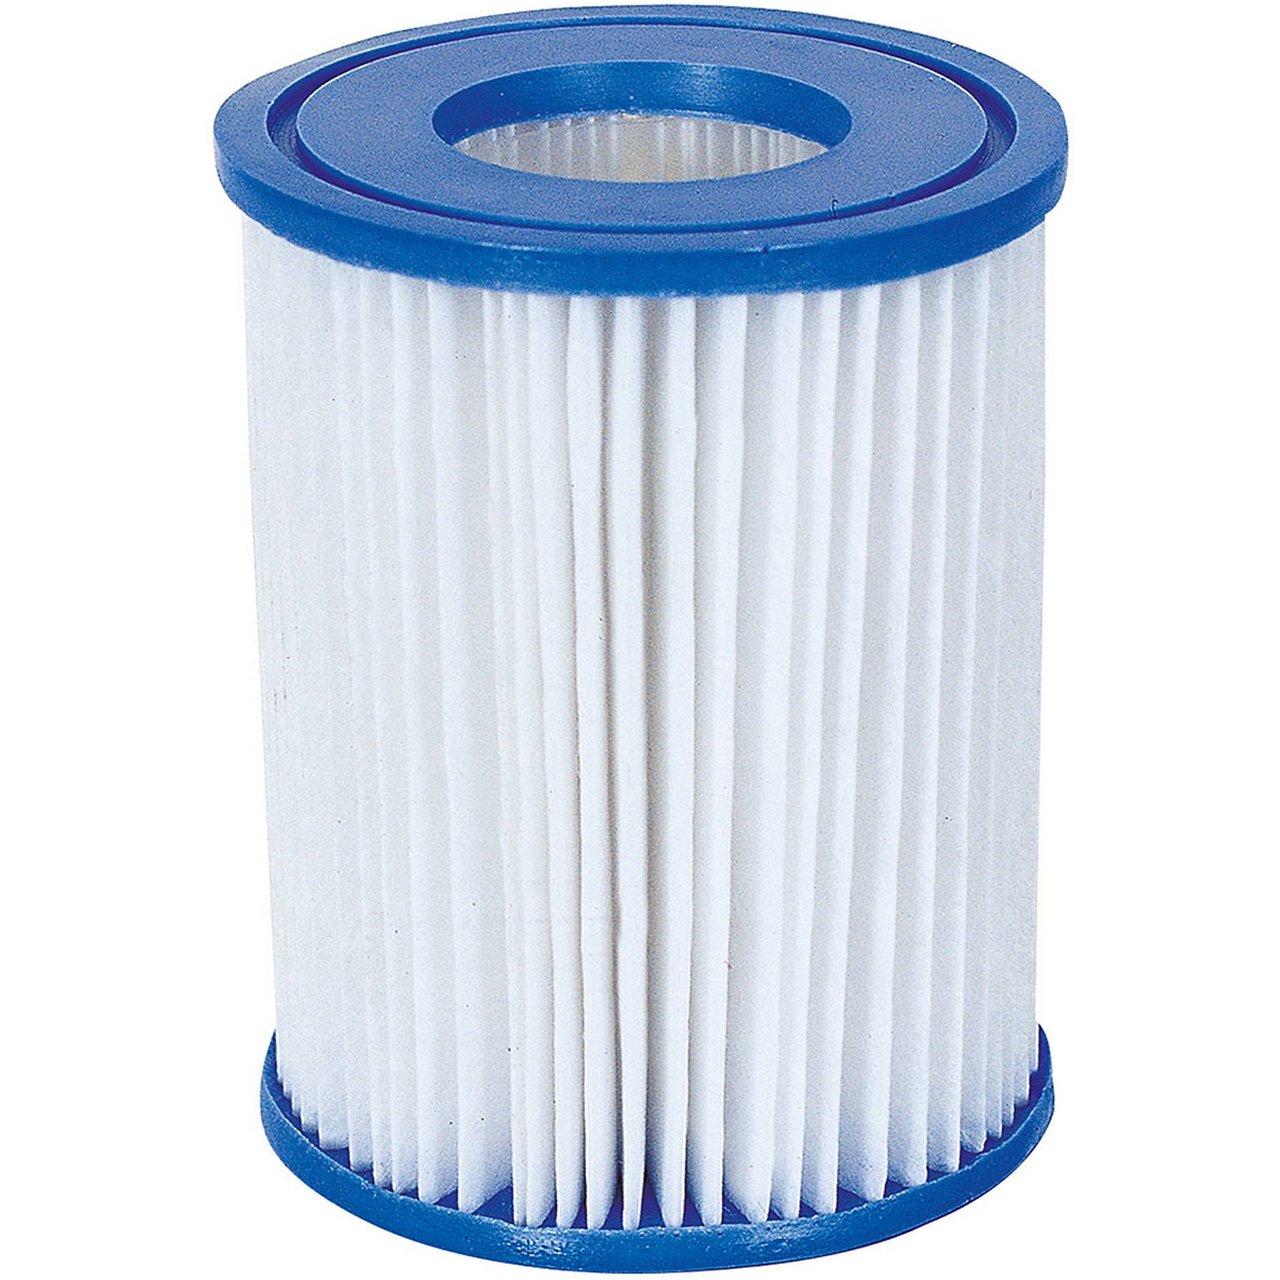 Kartusche 136 mm x 106 mm/, f. Bestway Filter 58150, 58141, 58117 mit 530 - 800gal oder 2,0 -3